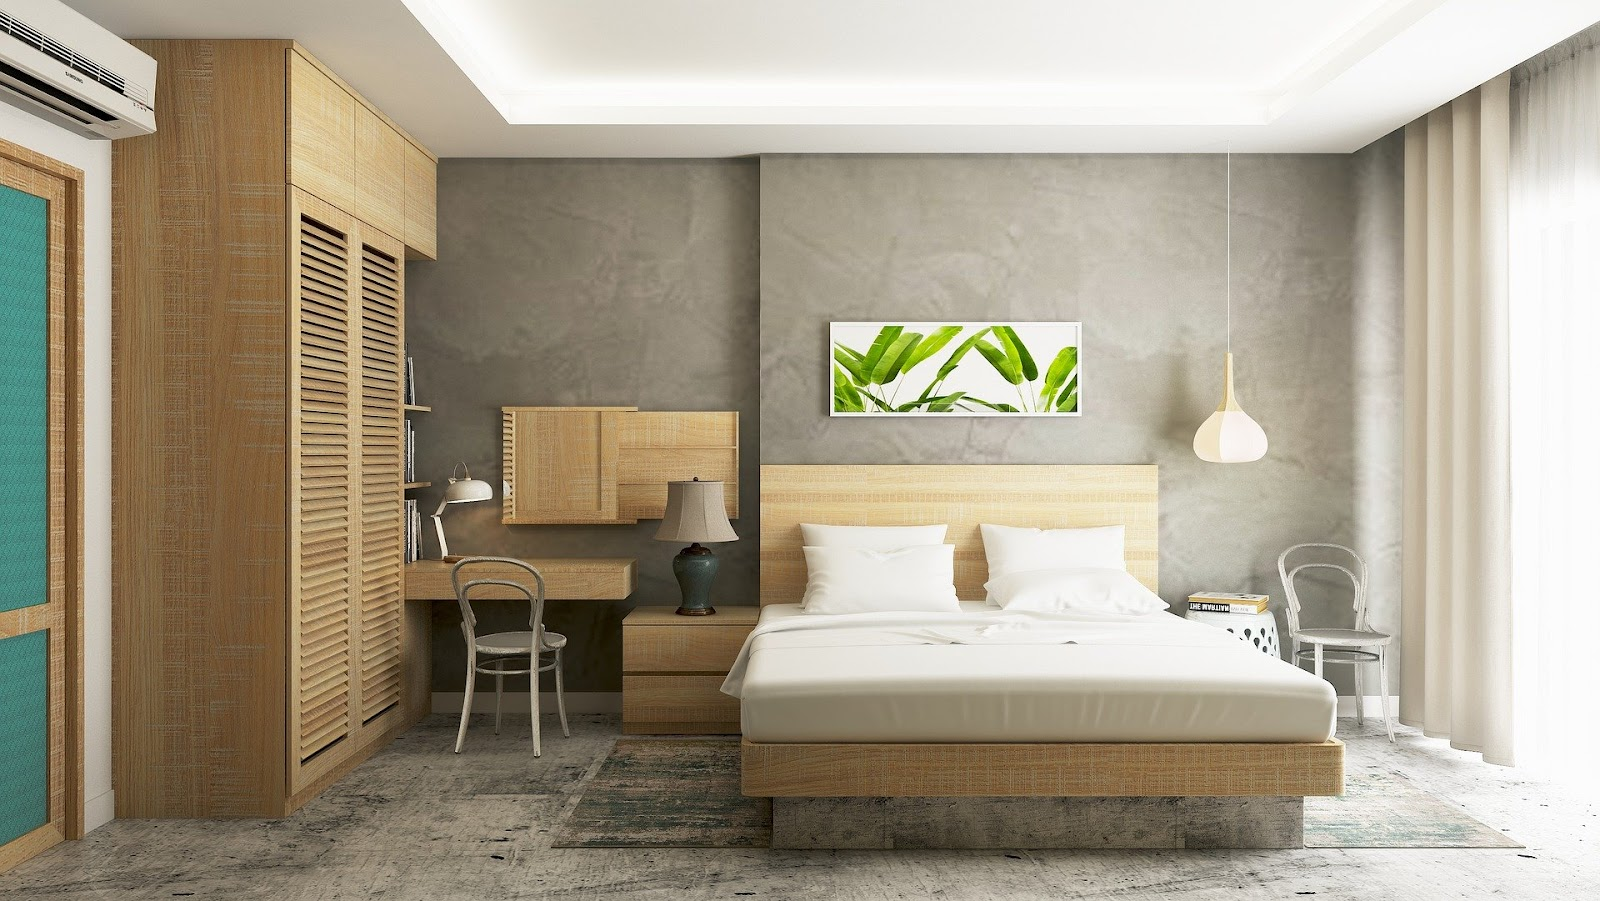 Um quarto com uma escrivaninha junto ao guarda-roupa, uma cama com o mesmo material do guarda-roupa e um quadro de plantas.